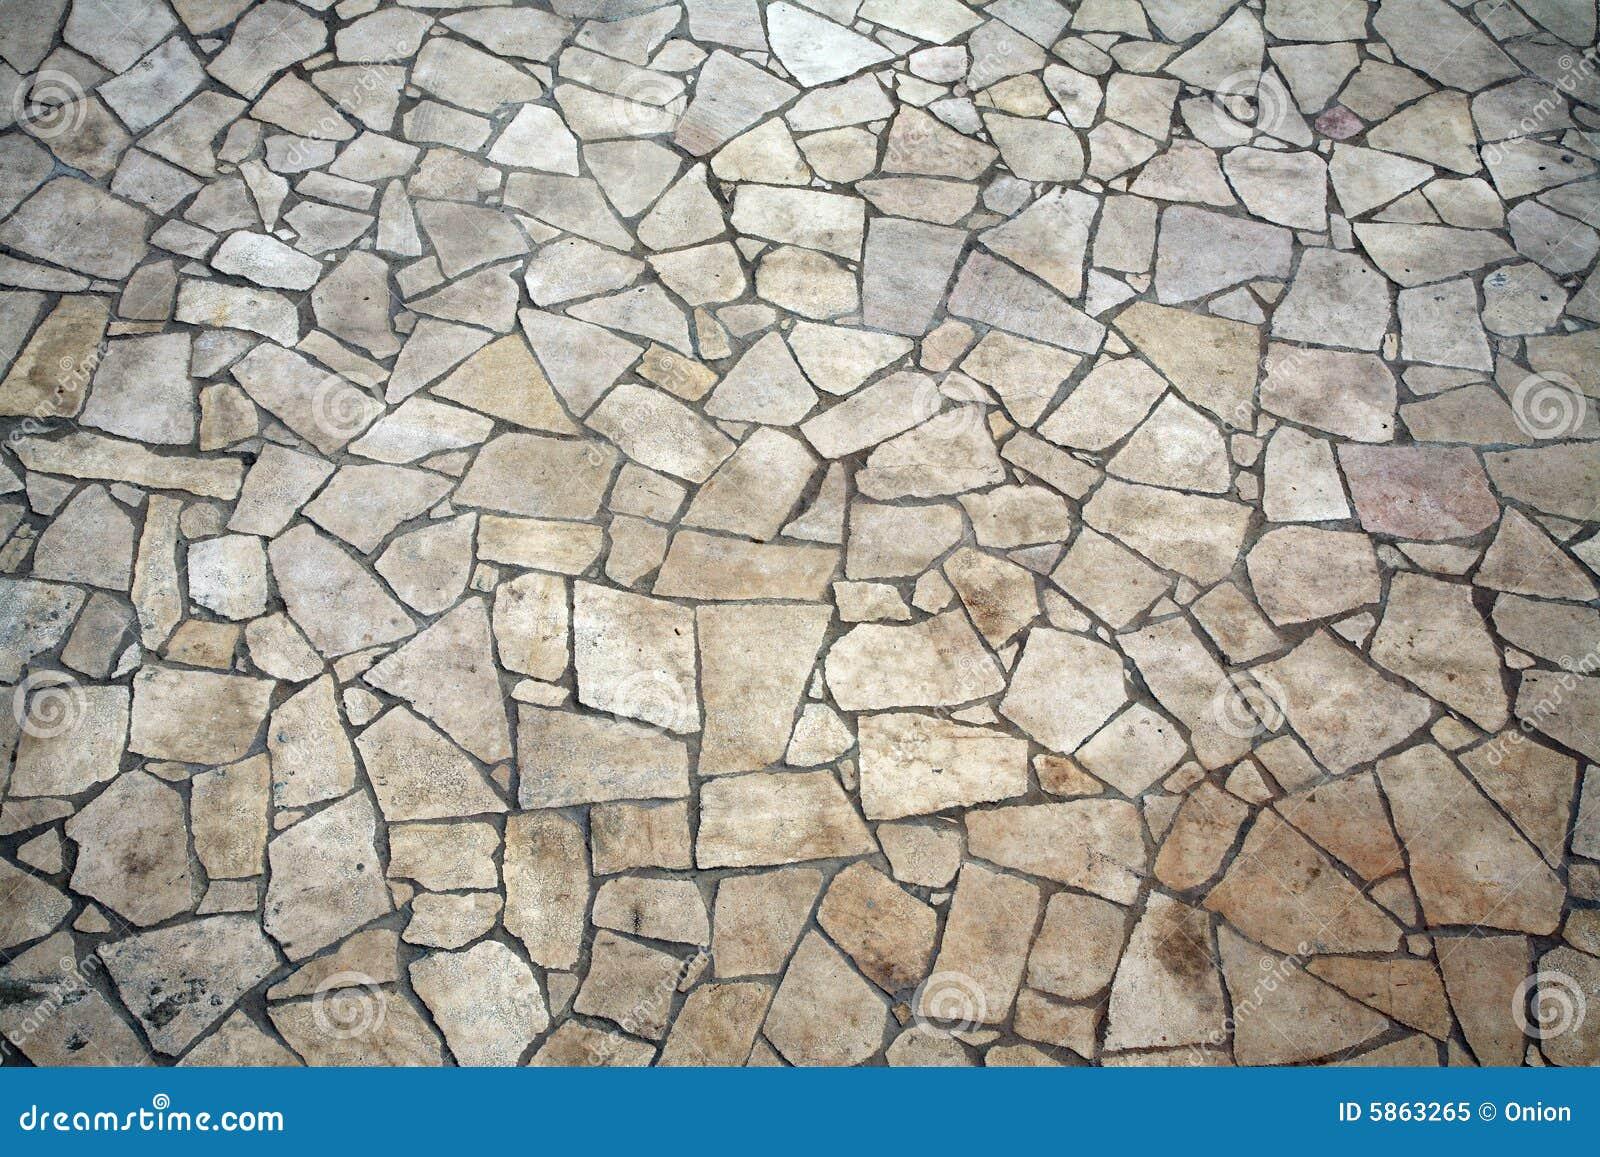 Suelo de piedra de forma irregular foto de archivo libre - Suelo de piedra ...